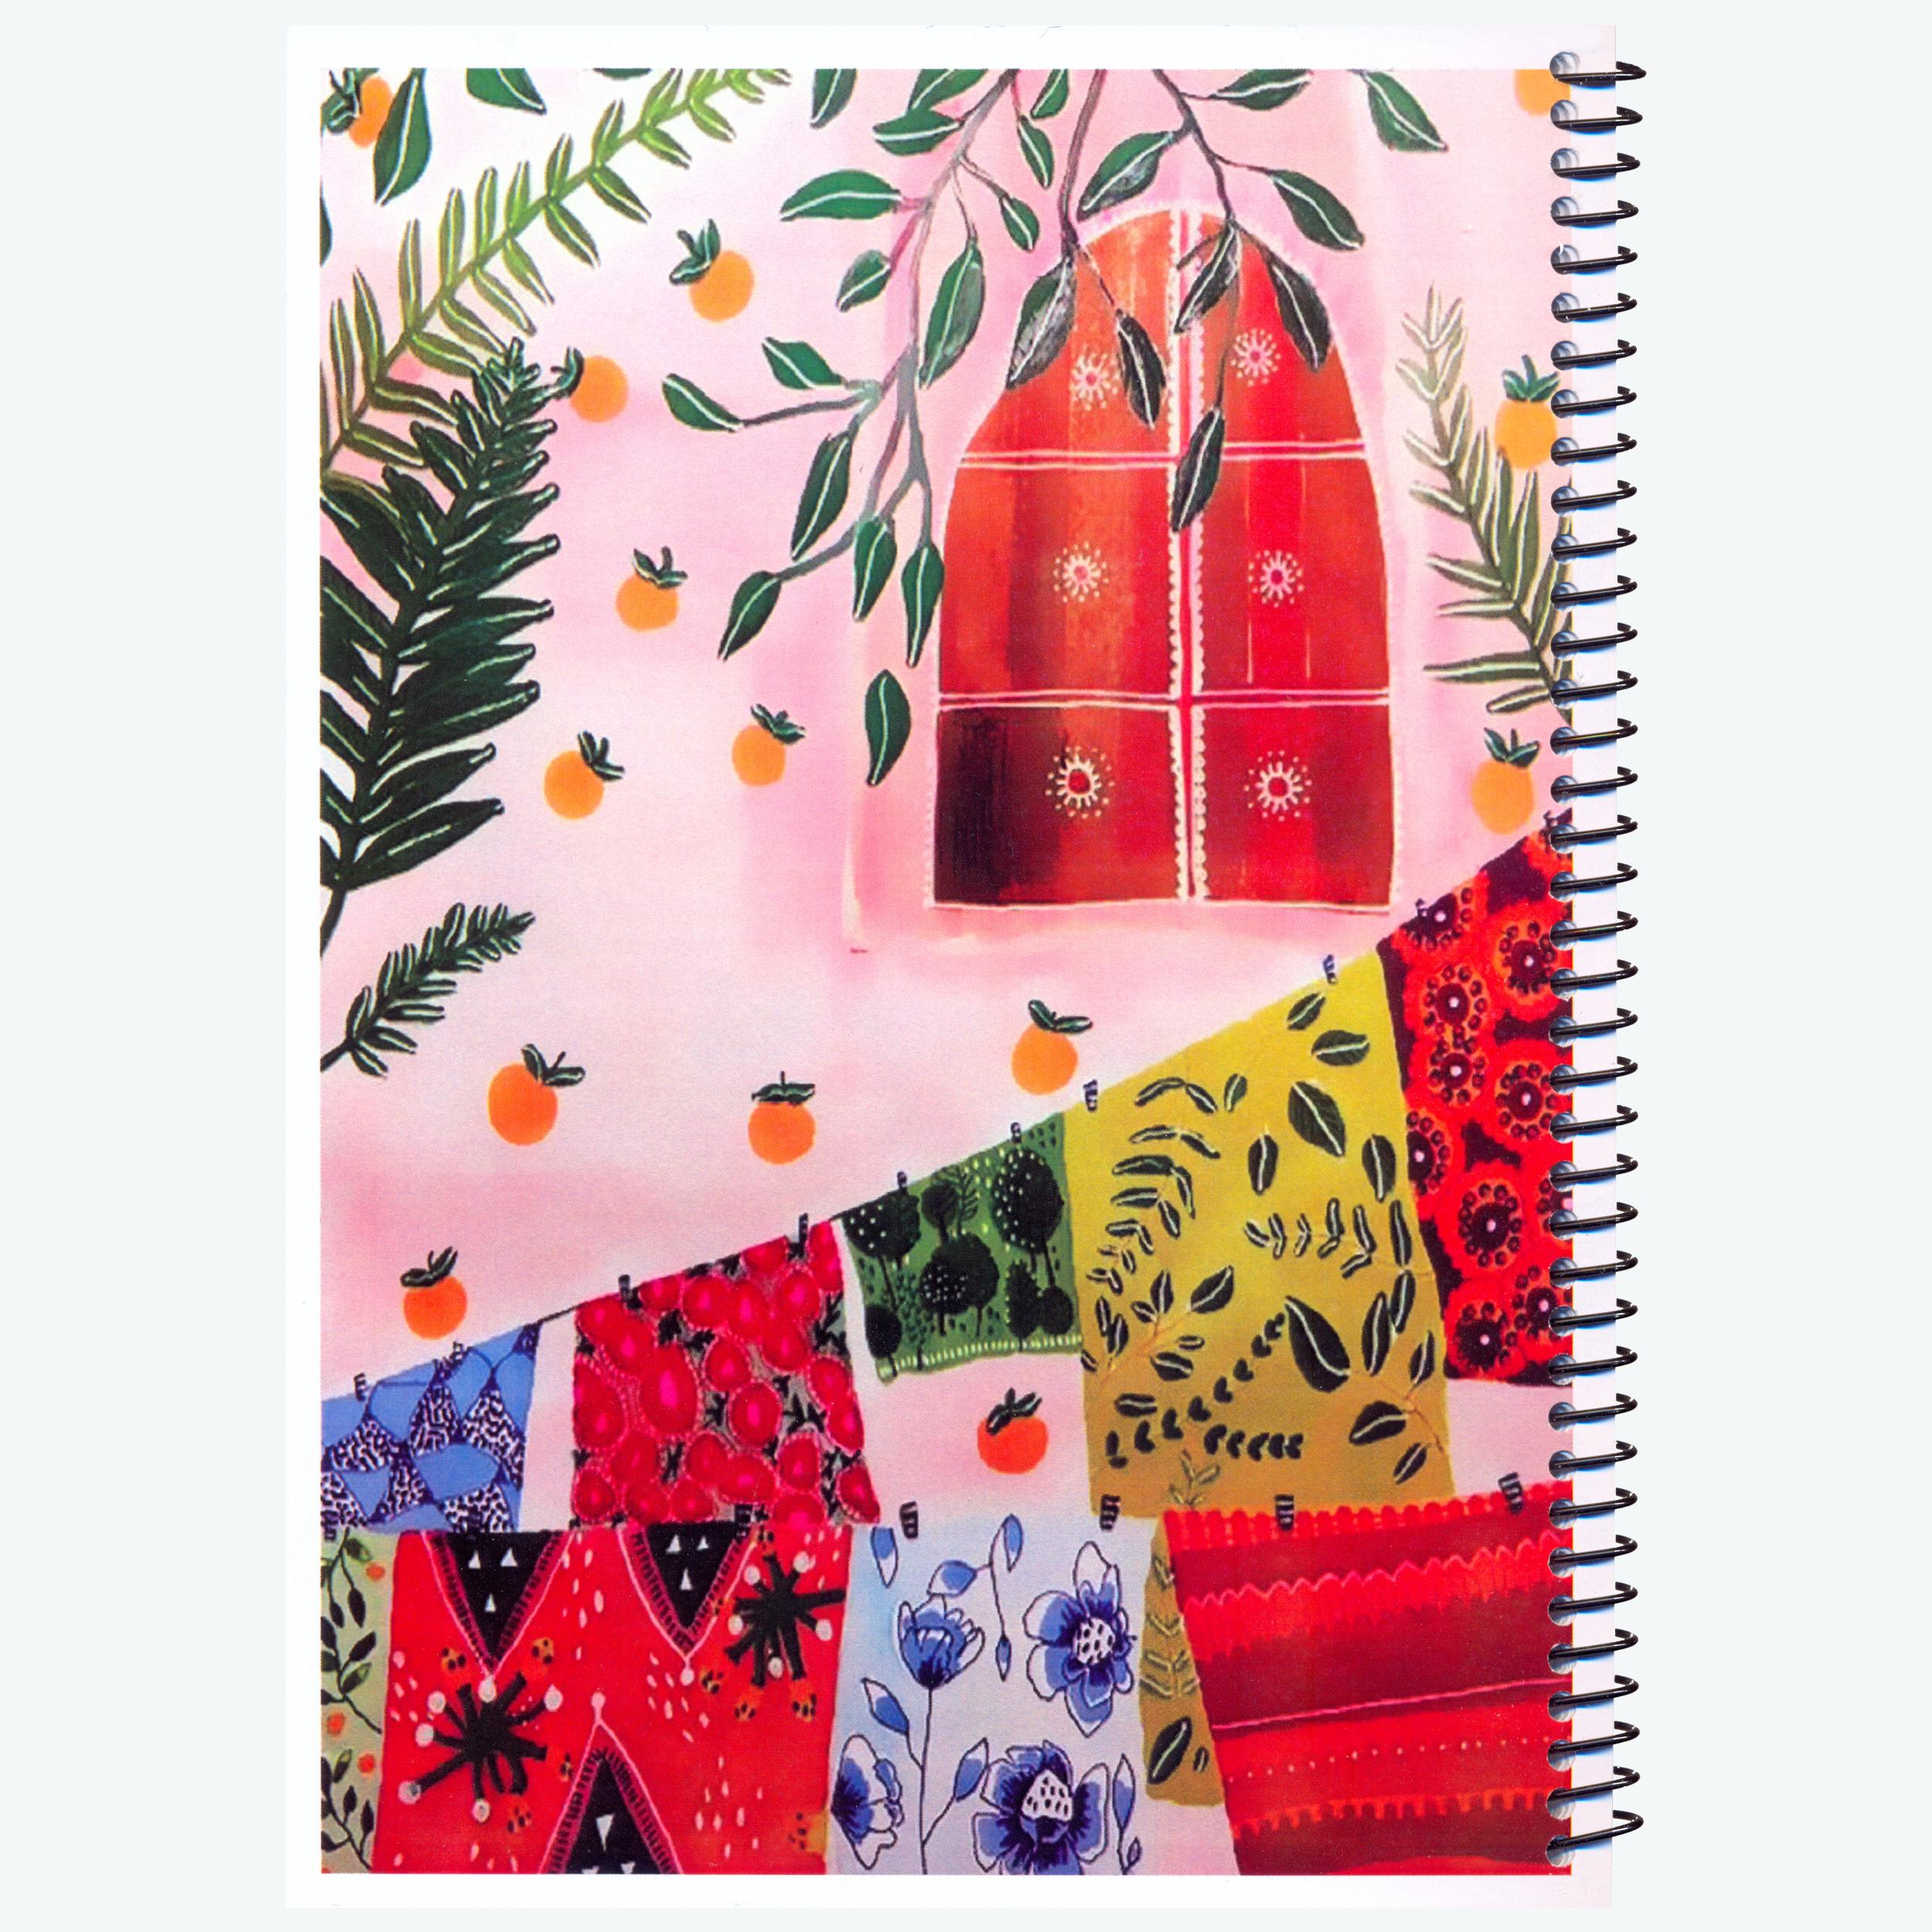 دفتر مشق ۱۰۰ برگ ژوست طرح حیاط خانه مدل کژوال کد ۰۱